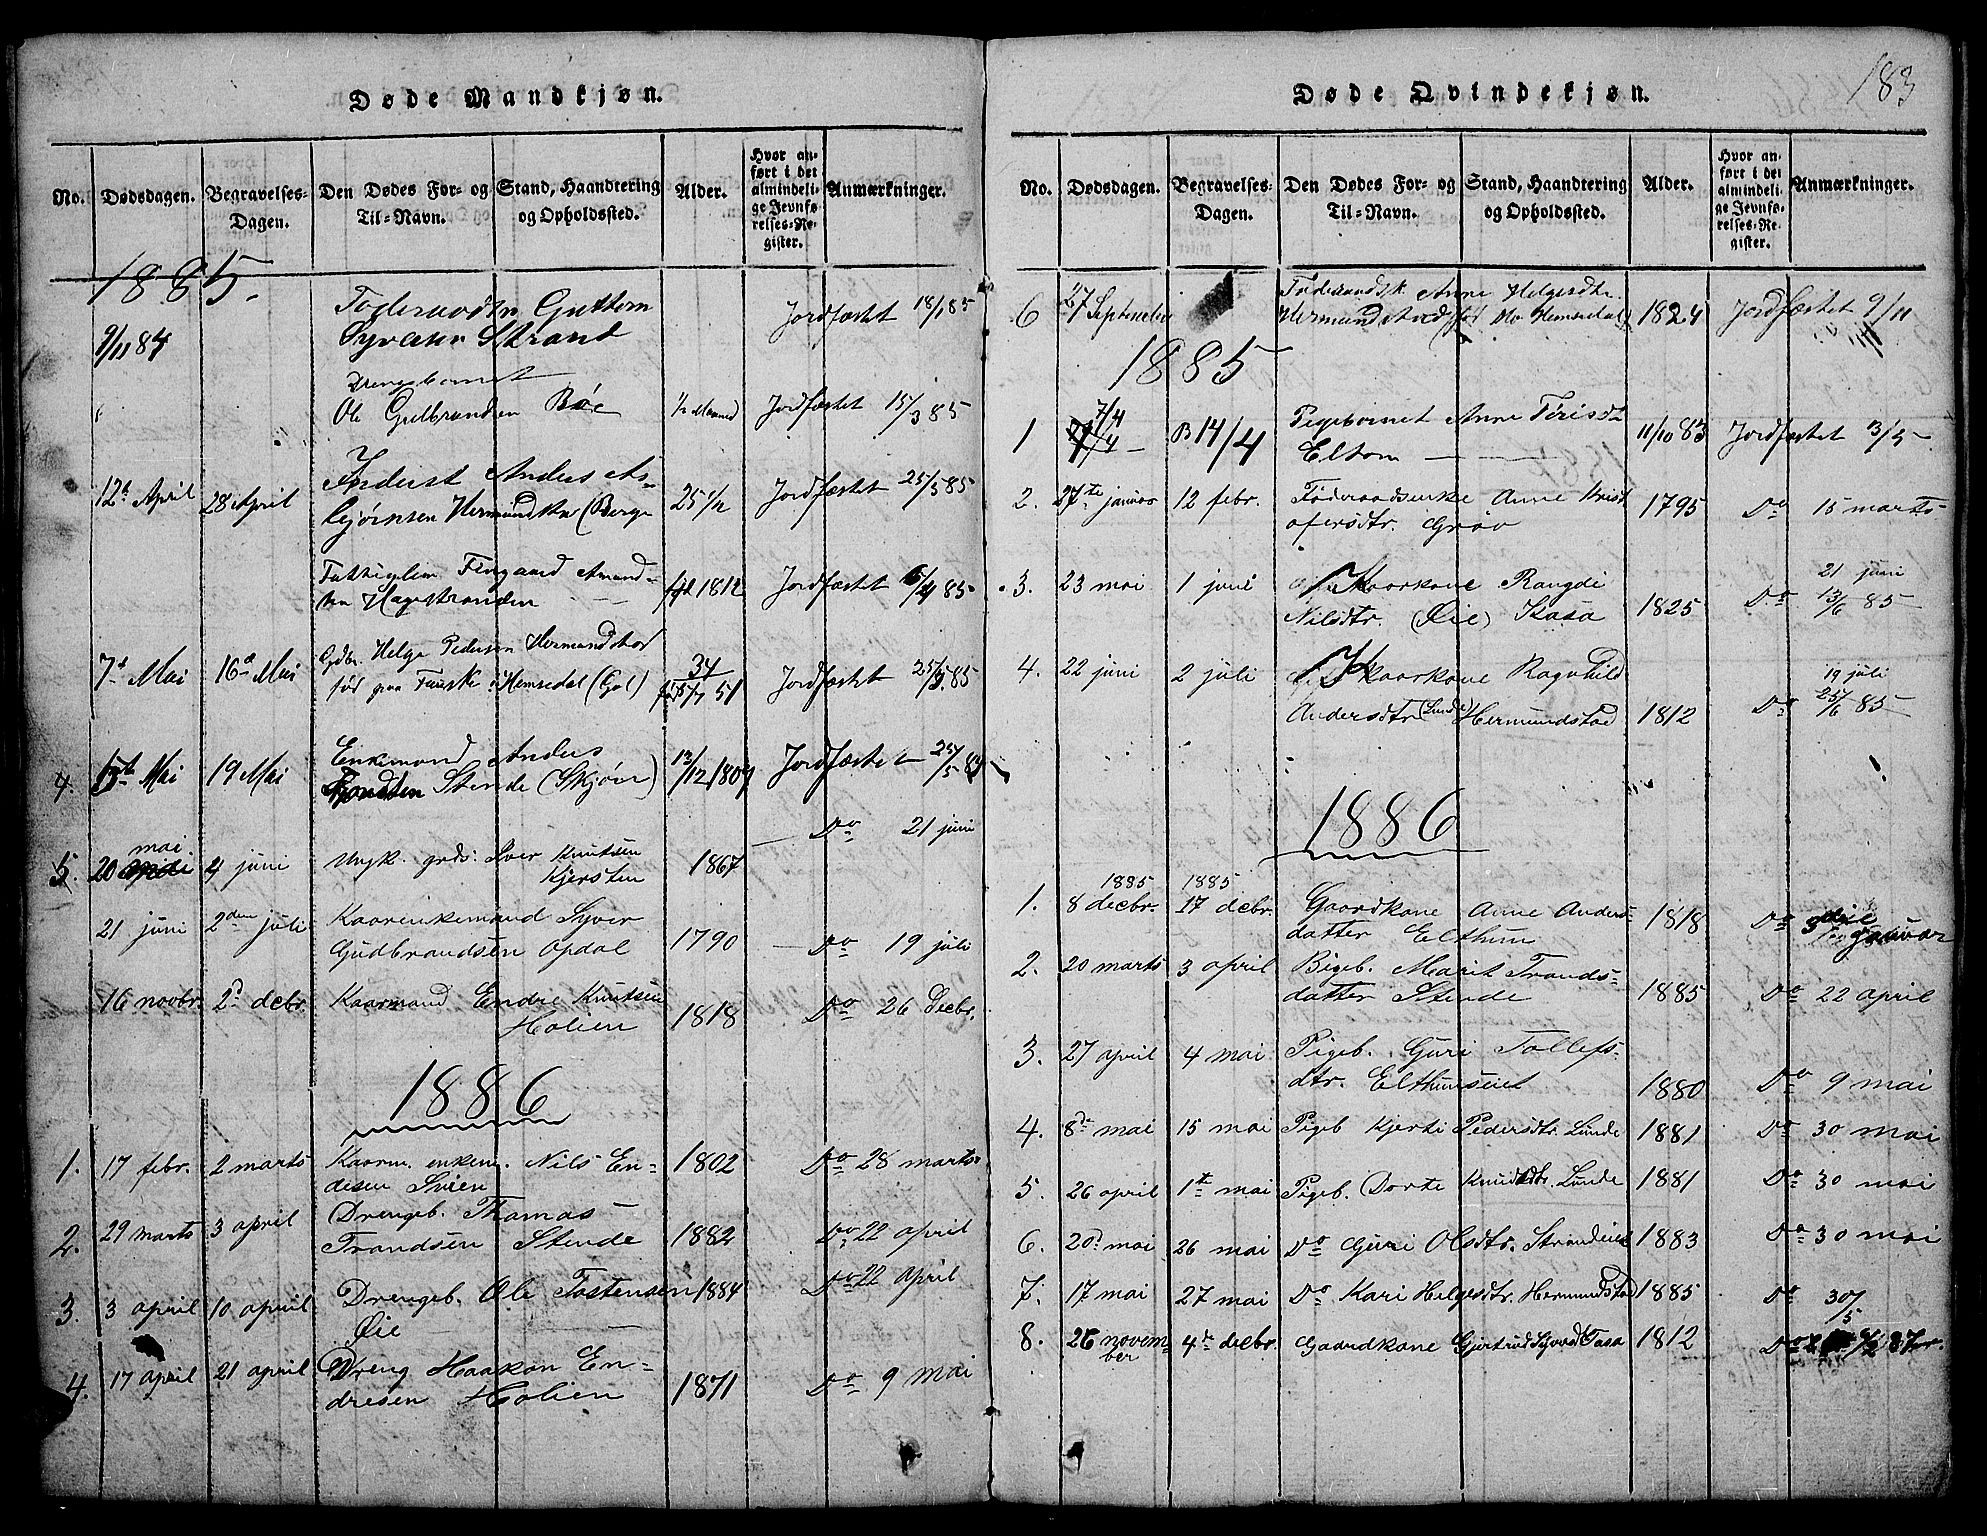 SAH, Vang prestekontor, Valdres, Klokkerbok nr. 2, 1814-1889, s. 183